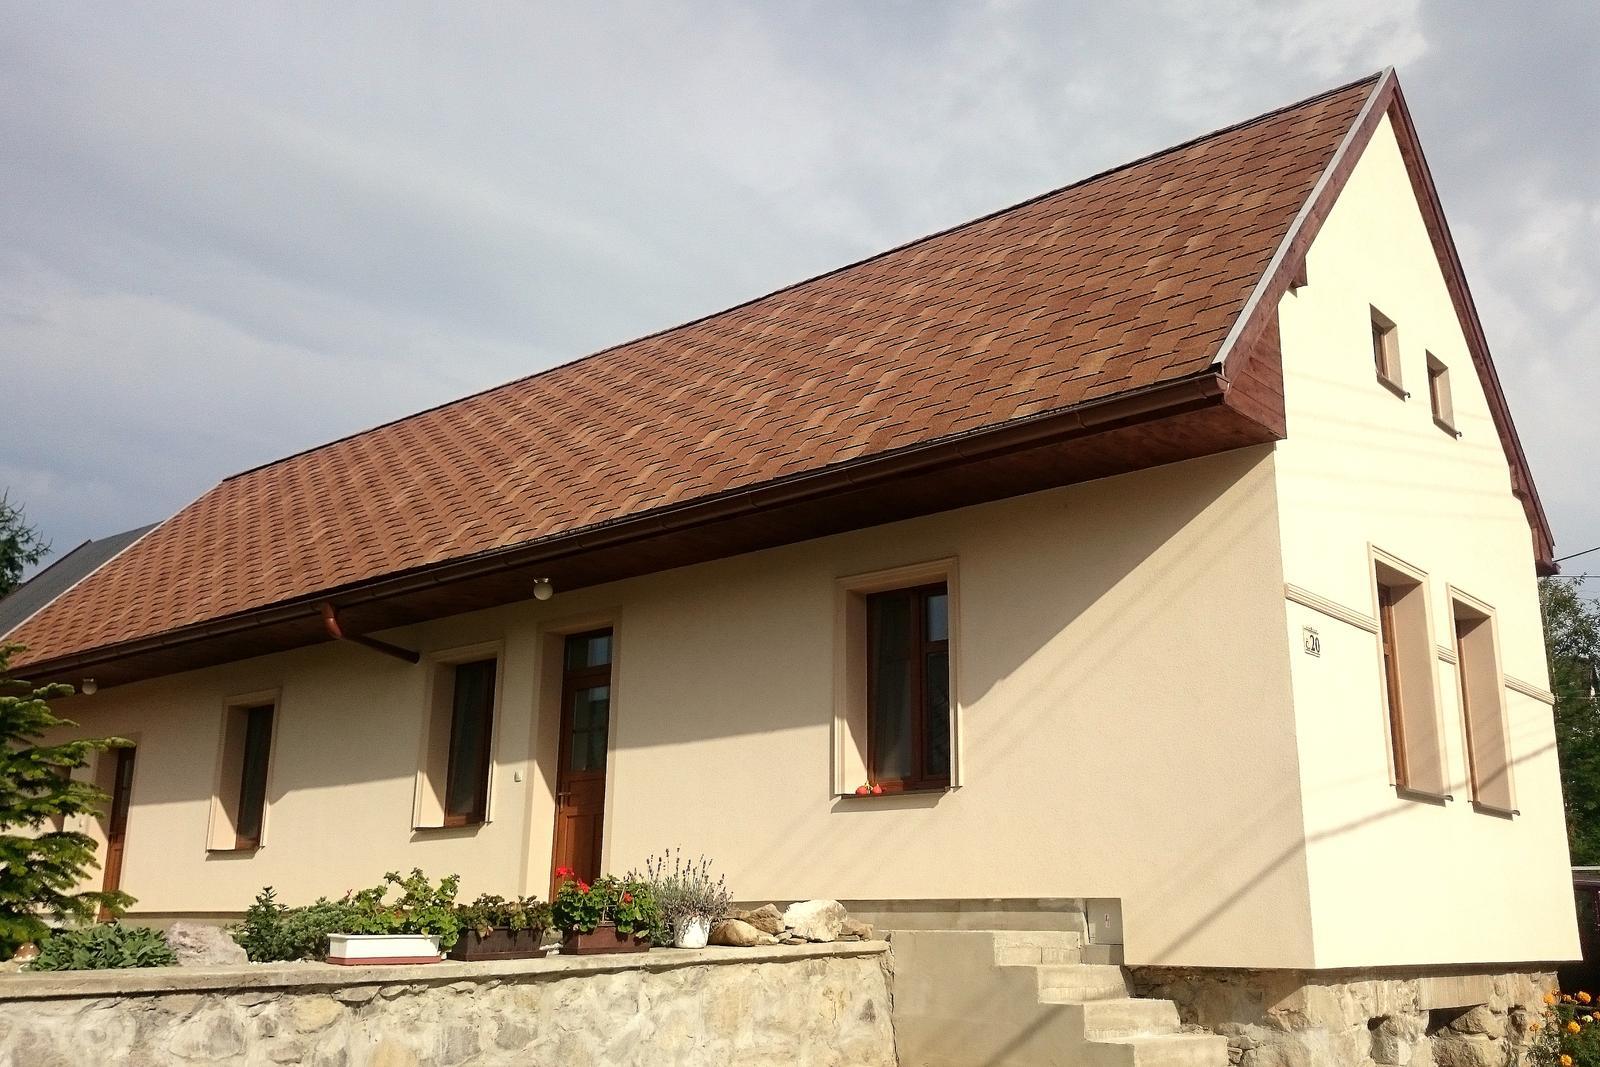 Rekonštrukcia domčeka z roku 1937 - ... a september 2014. Nájdete 10 rozdielov...?